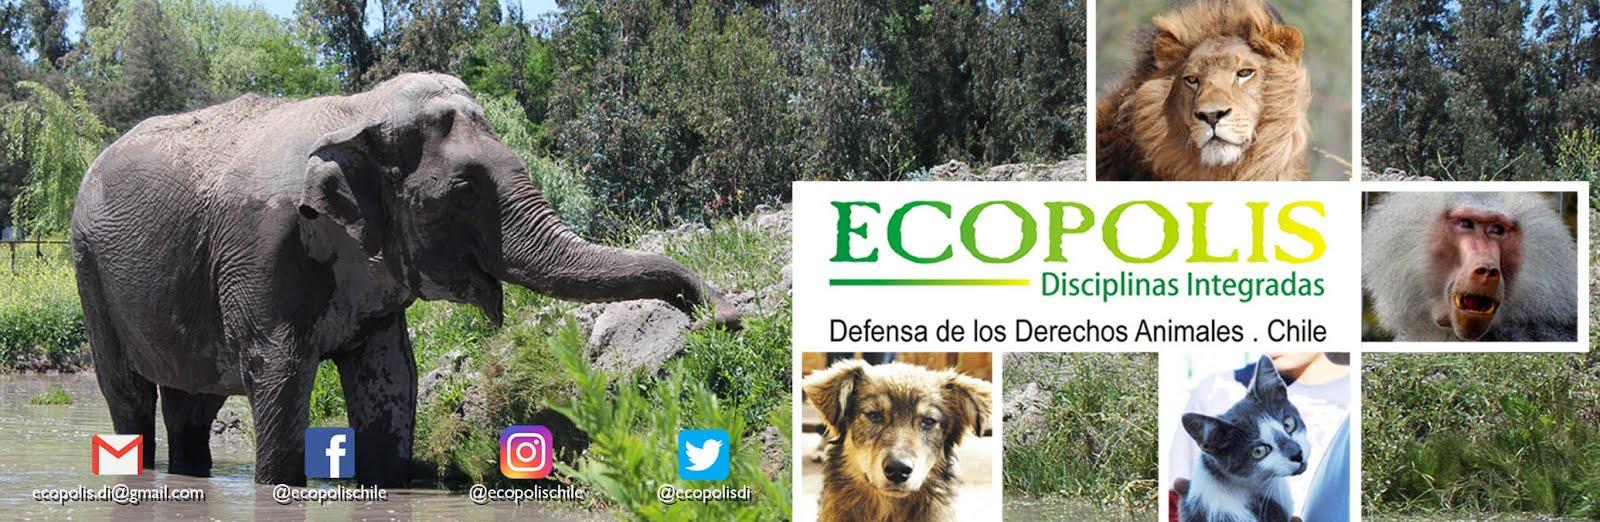 Ecopolis Disciplinas Integradas